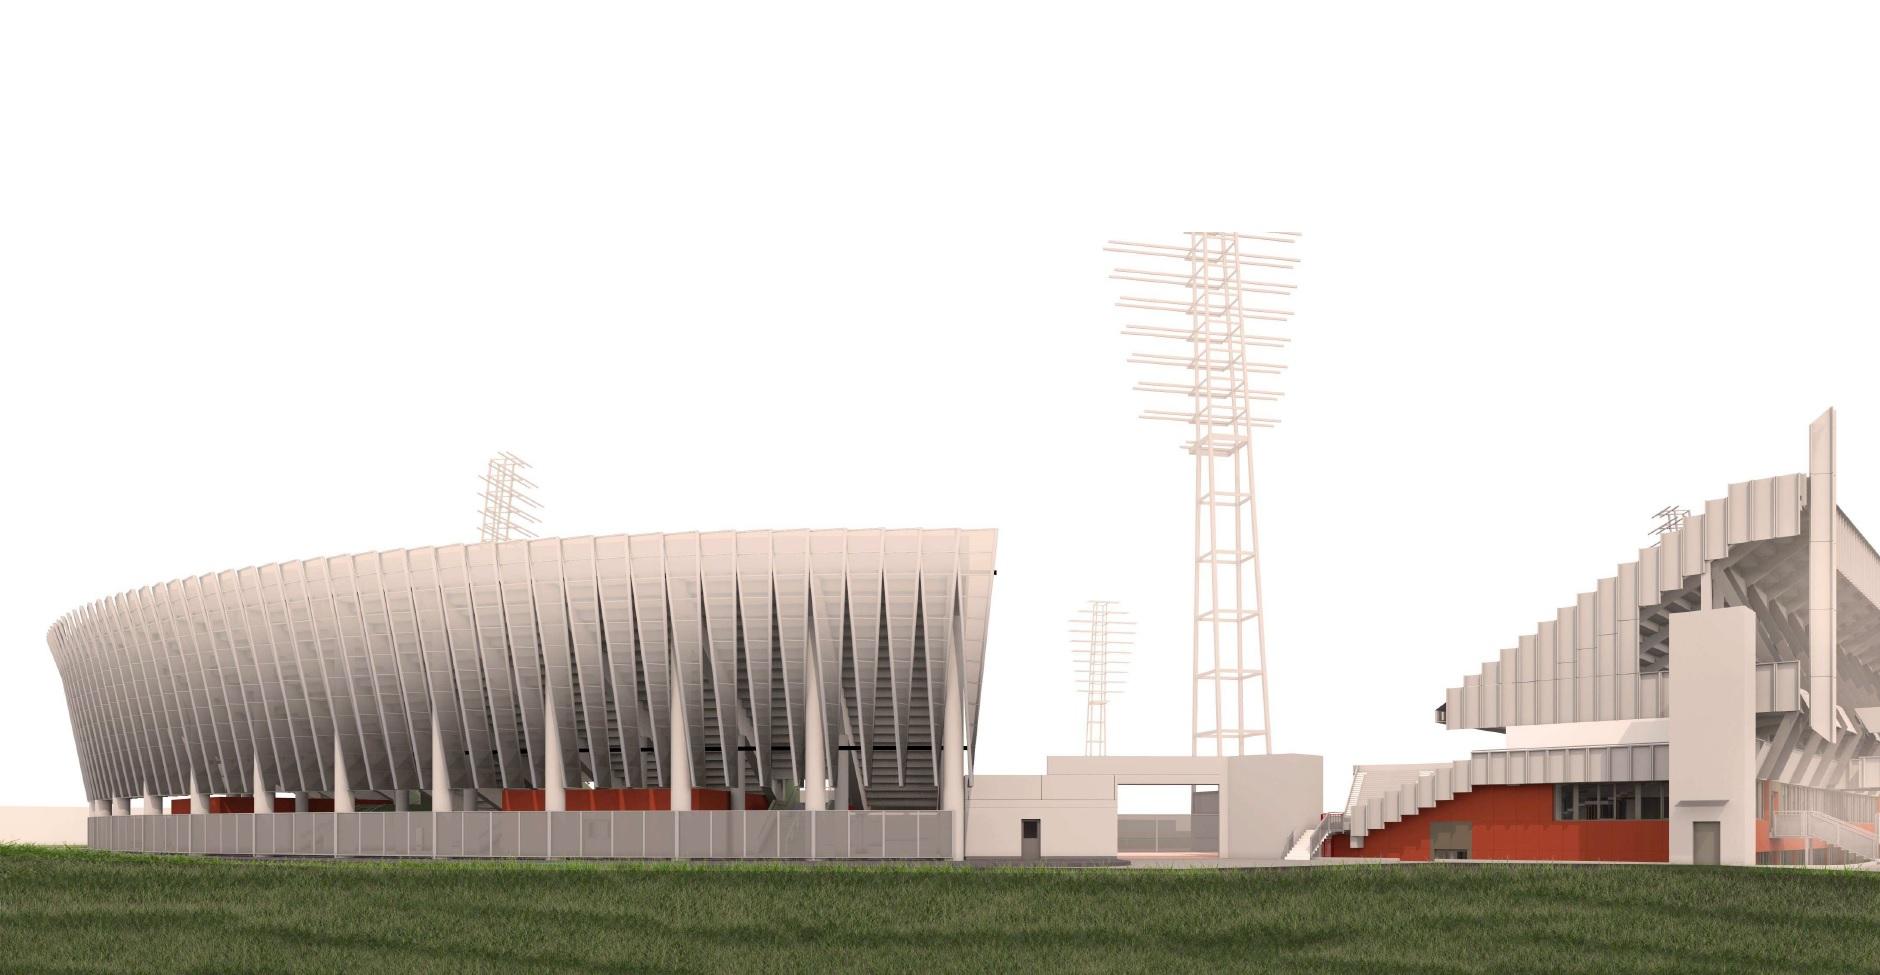 Daugavas stadions aicina Rīgas apkaimju aktīvistus un iedzīvotājus iesaistīties stadiona ikdienas pakalpojumu plānošanas procesā.